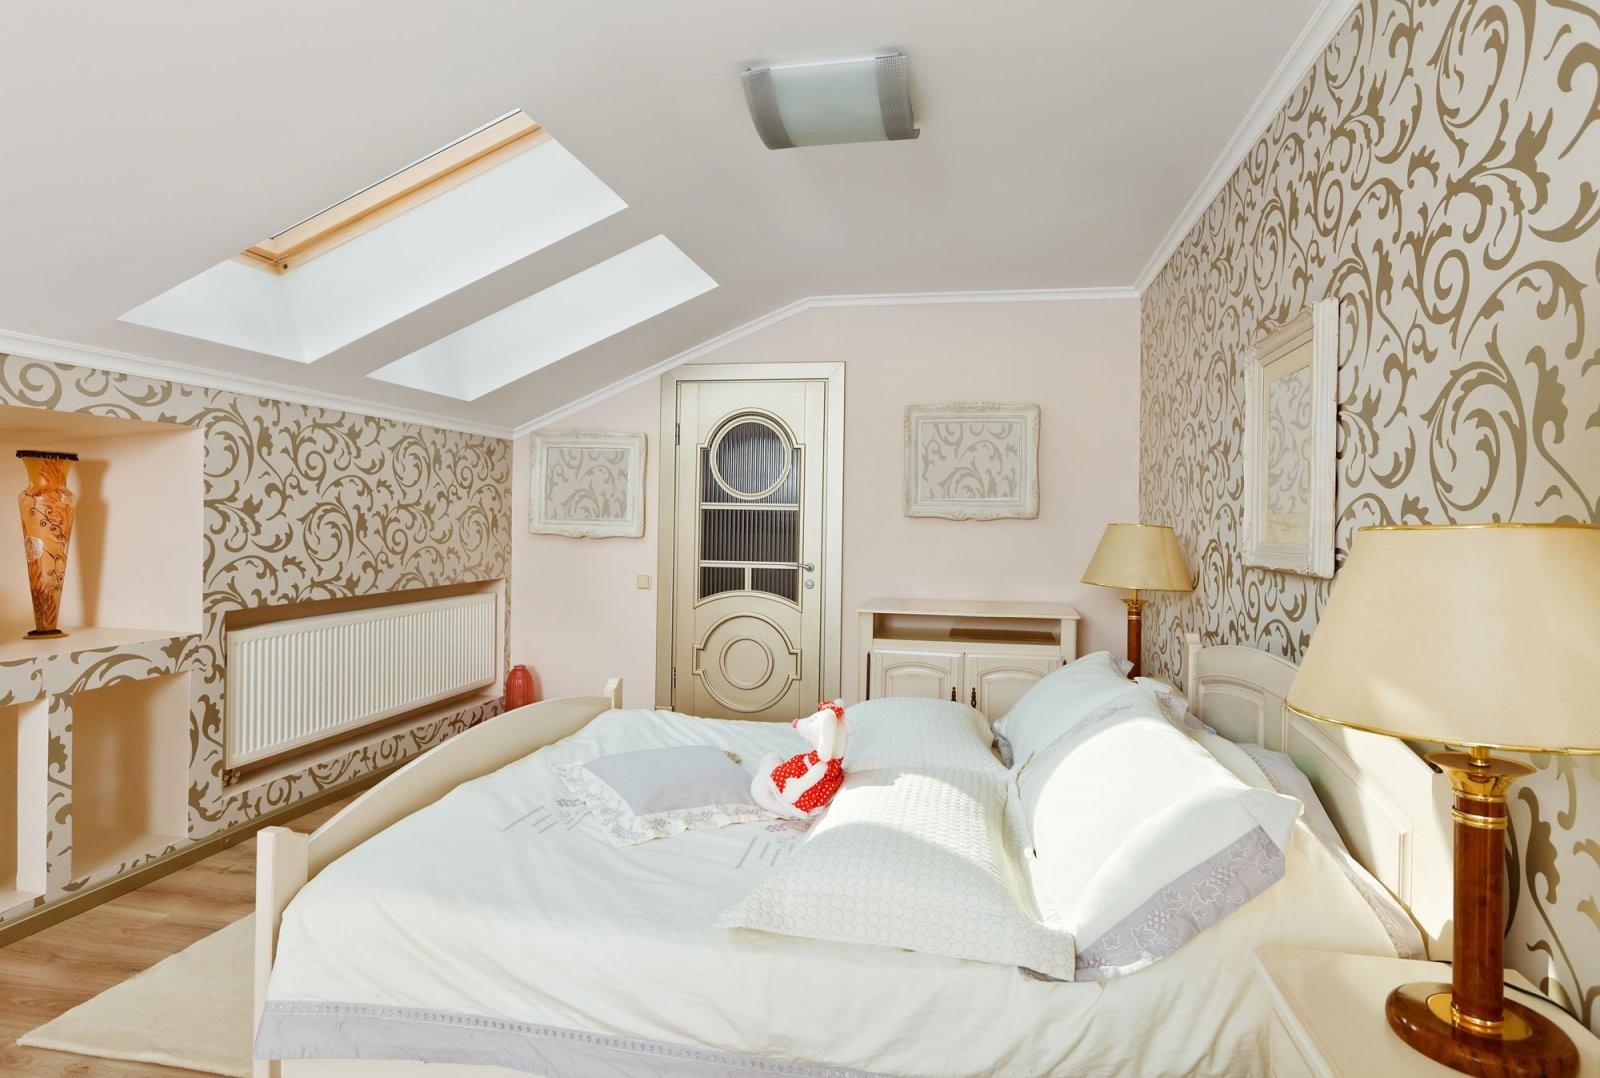 Dachschrägen Tapezieren  Tapetenauswahl Ideen  Vorgehensweise von Zimmer Mit Dachschrägen Tapezieren Bild